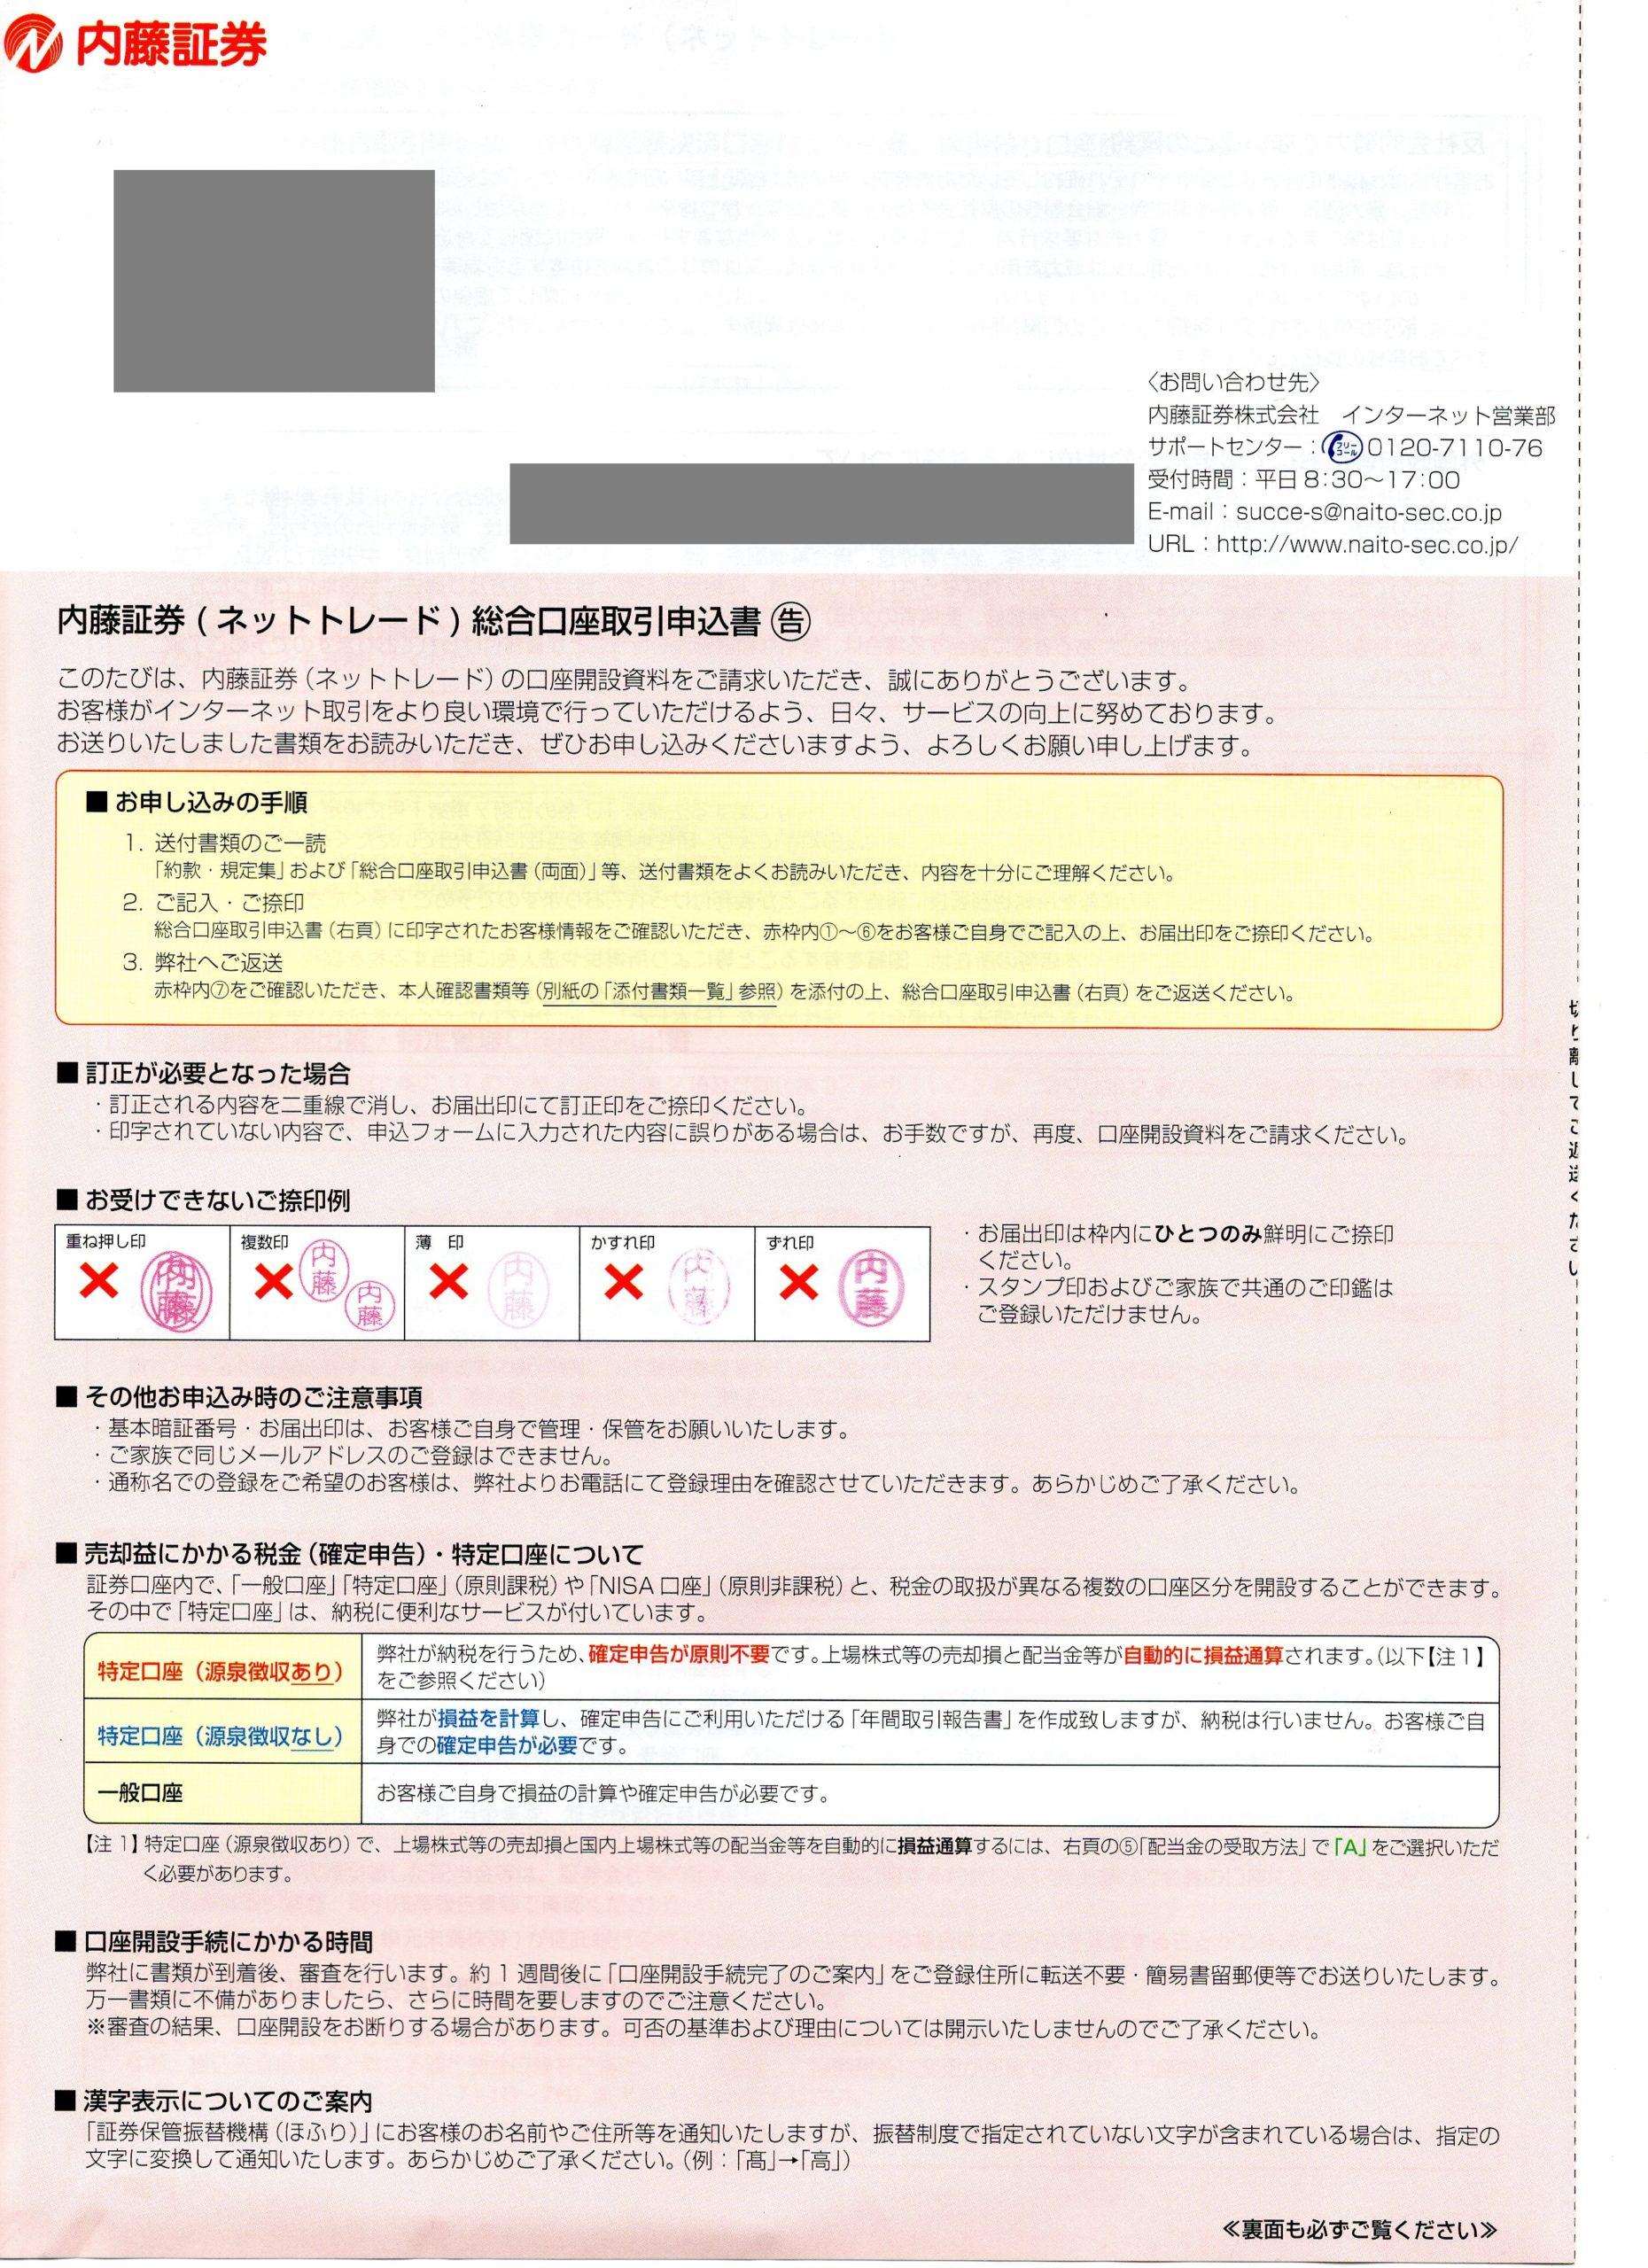 内藤証券口座開設申込書